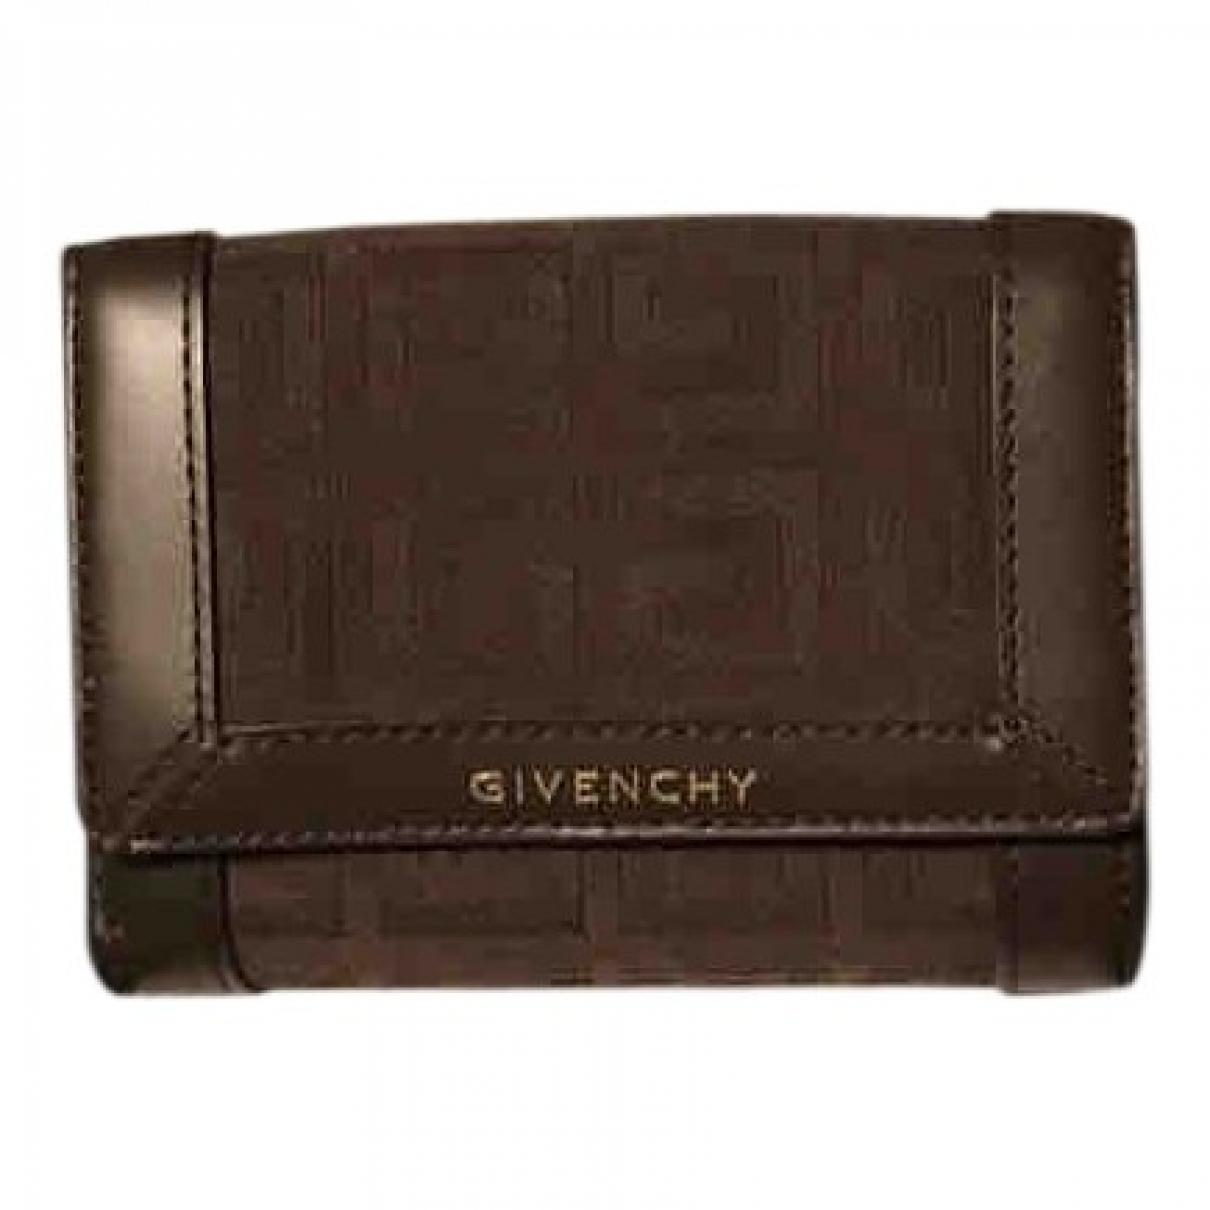 Givenchy - Portefeuille   pour femme en toile - marron